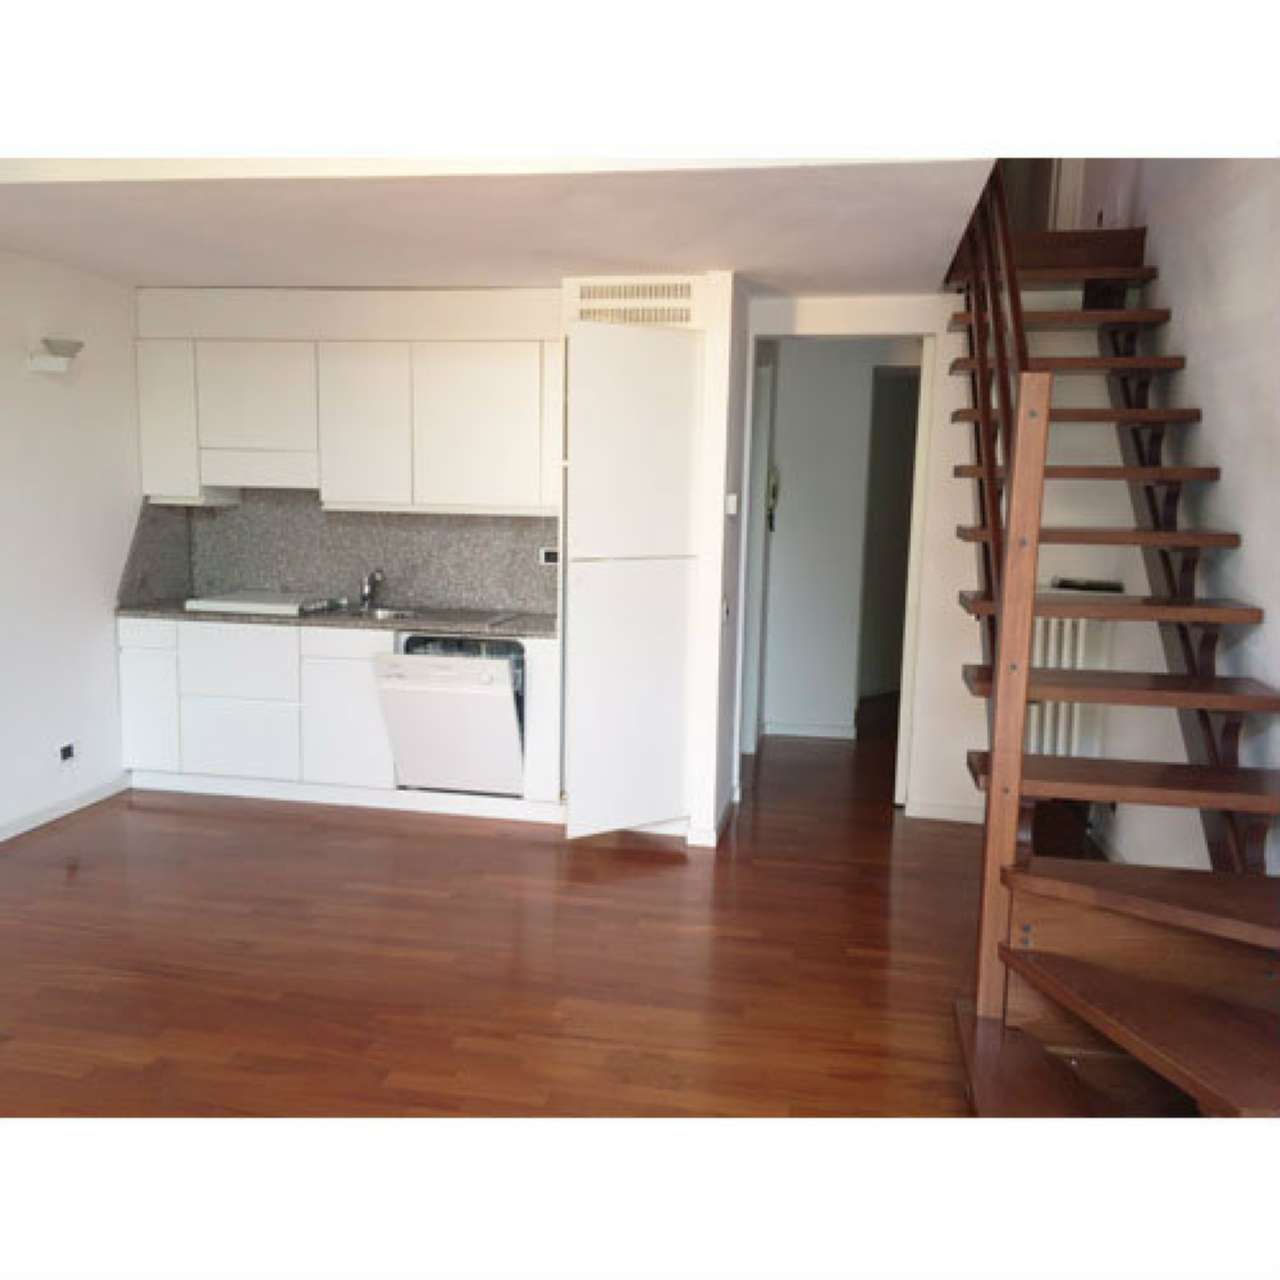 Appartamento in affitto a Laveno-Mombello, 2 locali, prezzo € 650 | CambioCasa.it